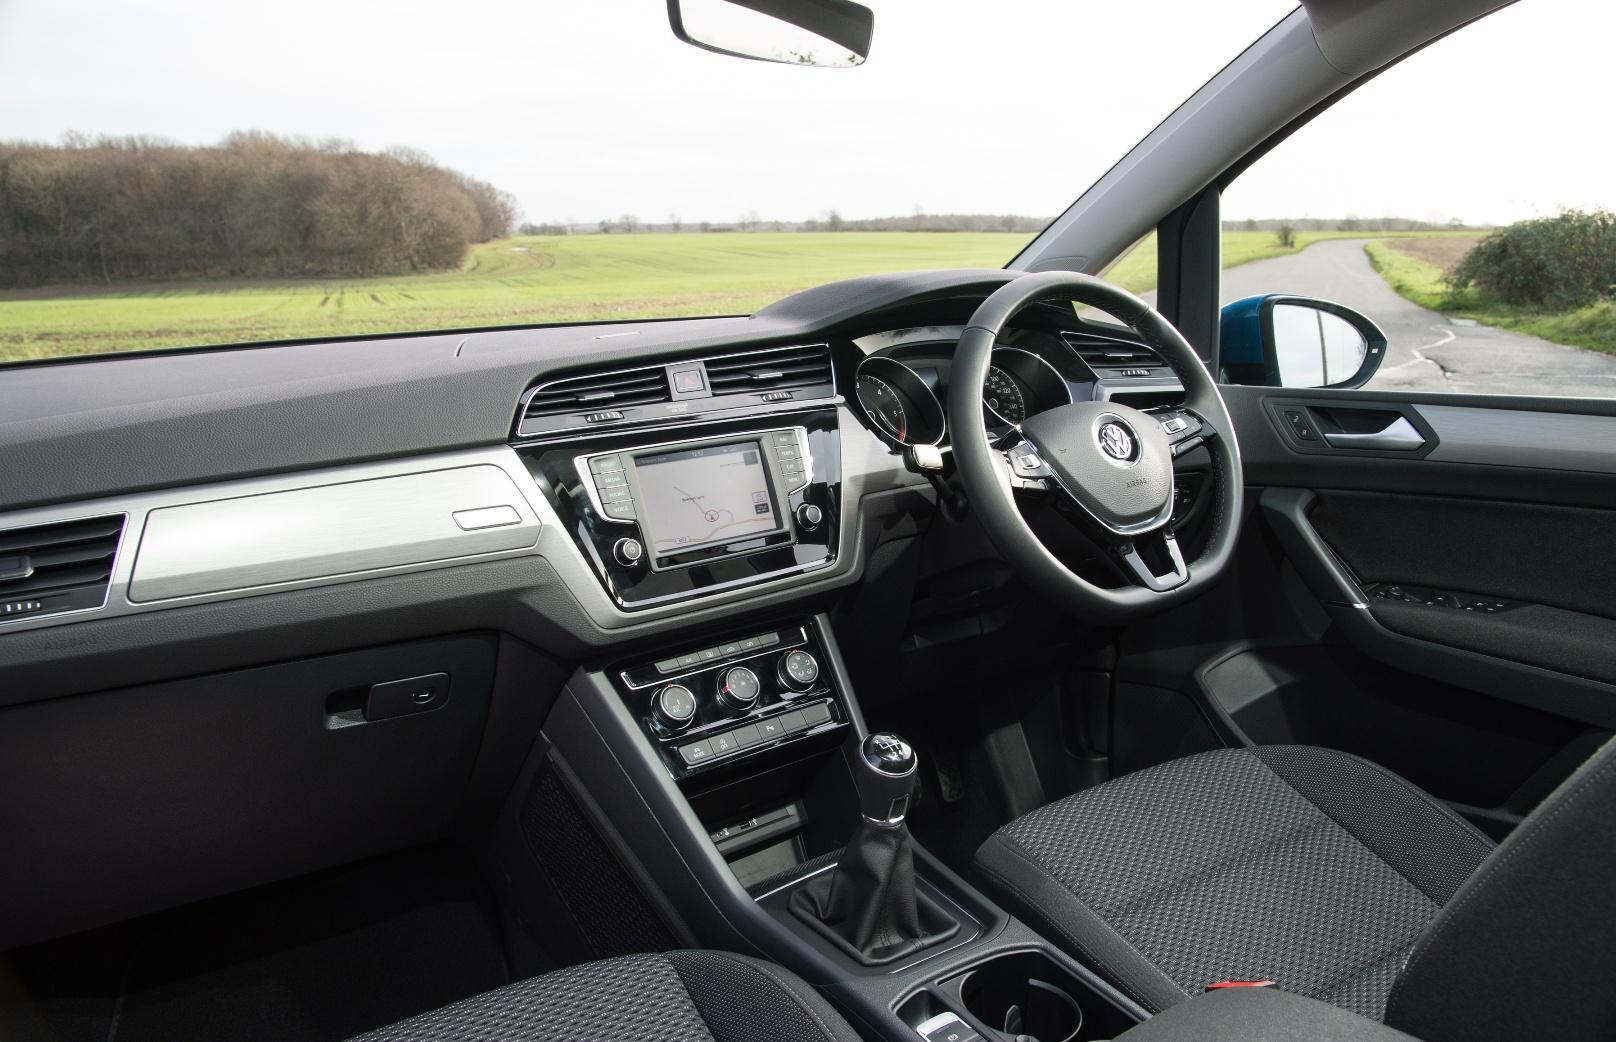 VW Touran front interior